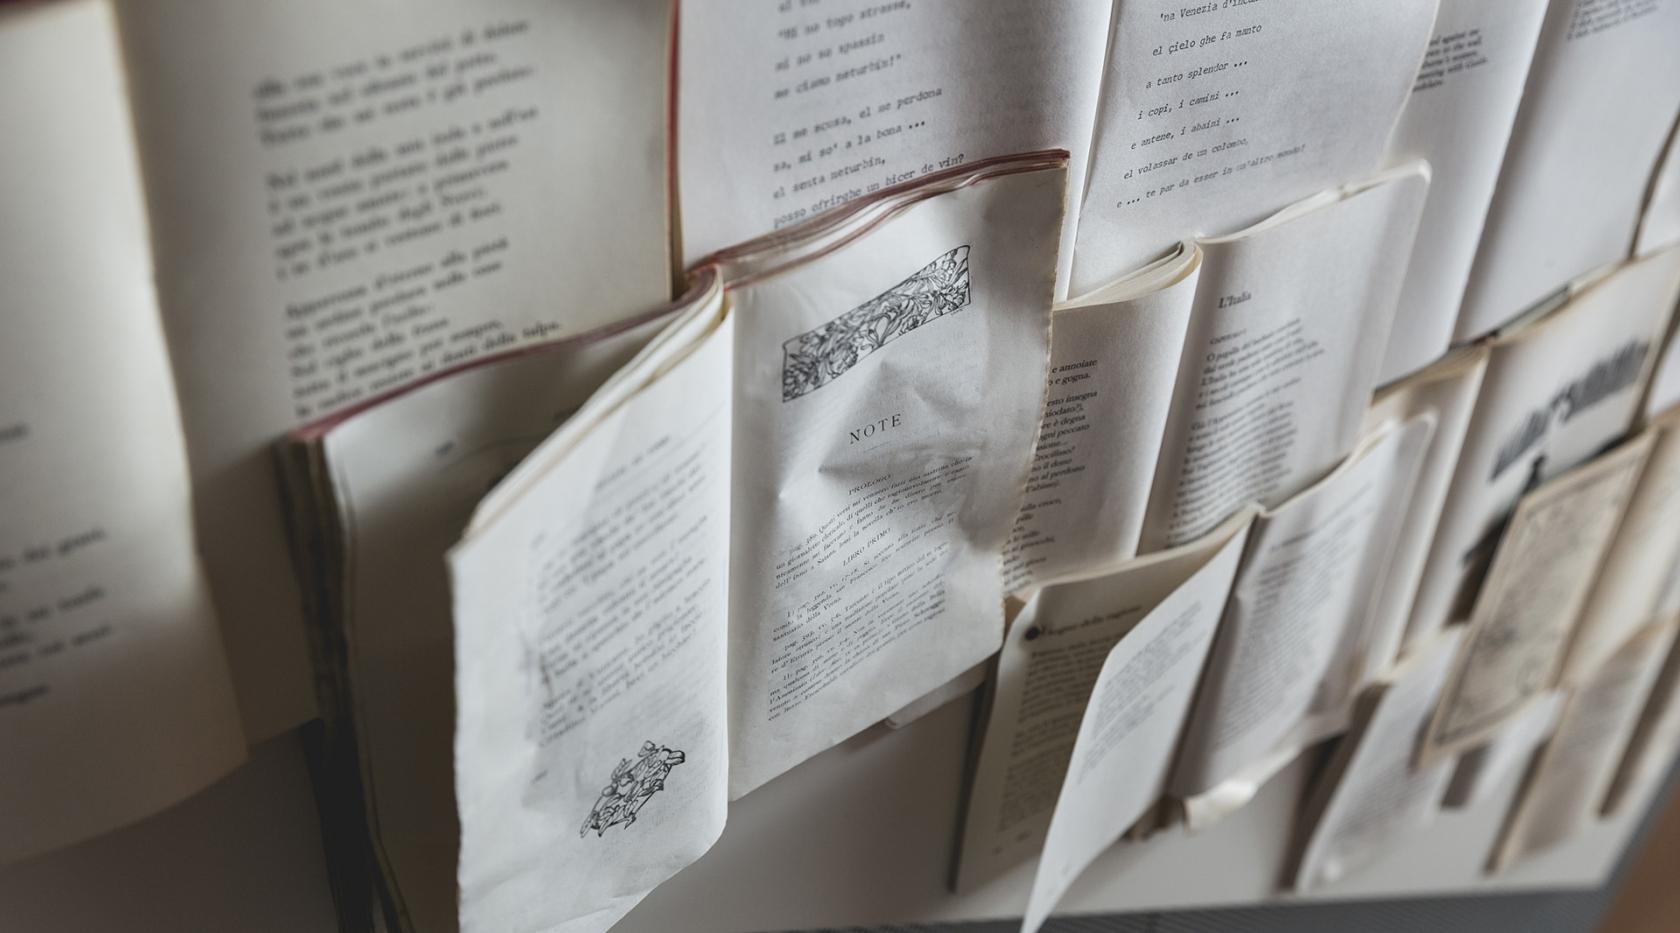 Hotel 4 stelle con piano dedicato alla poesia a Pordenone